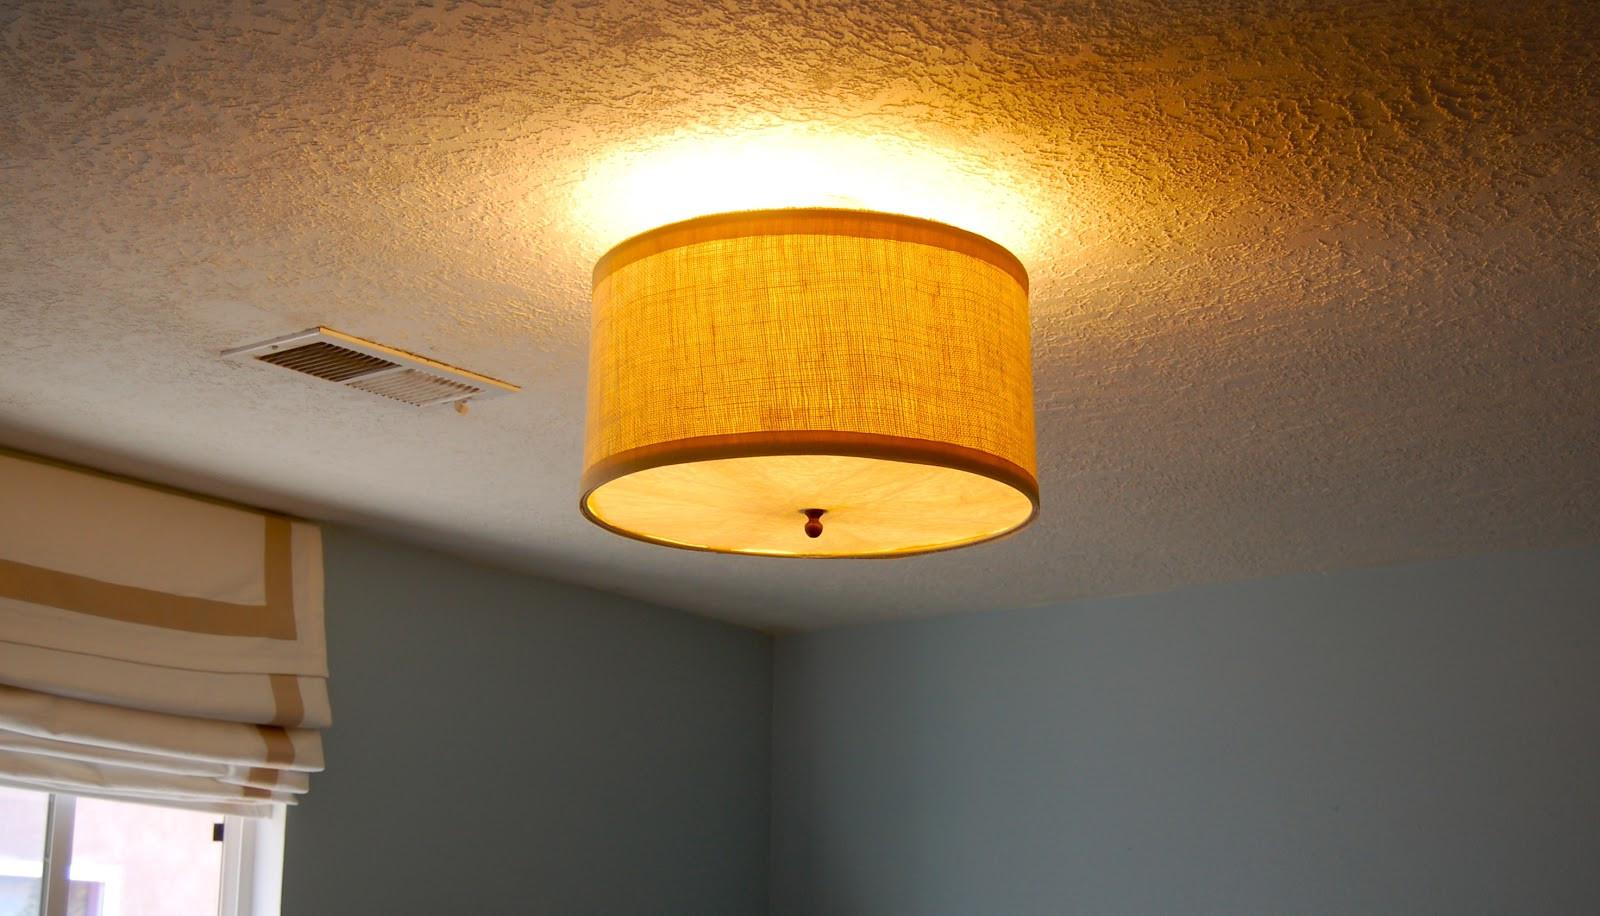 DIY Ceiling Light Cover  Diy Drum Shade Ceiling Light Cover